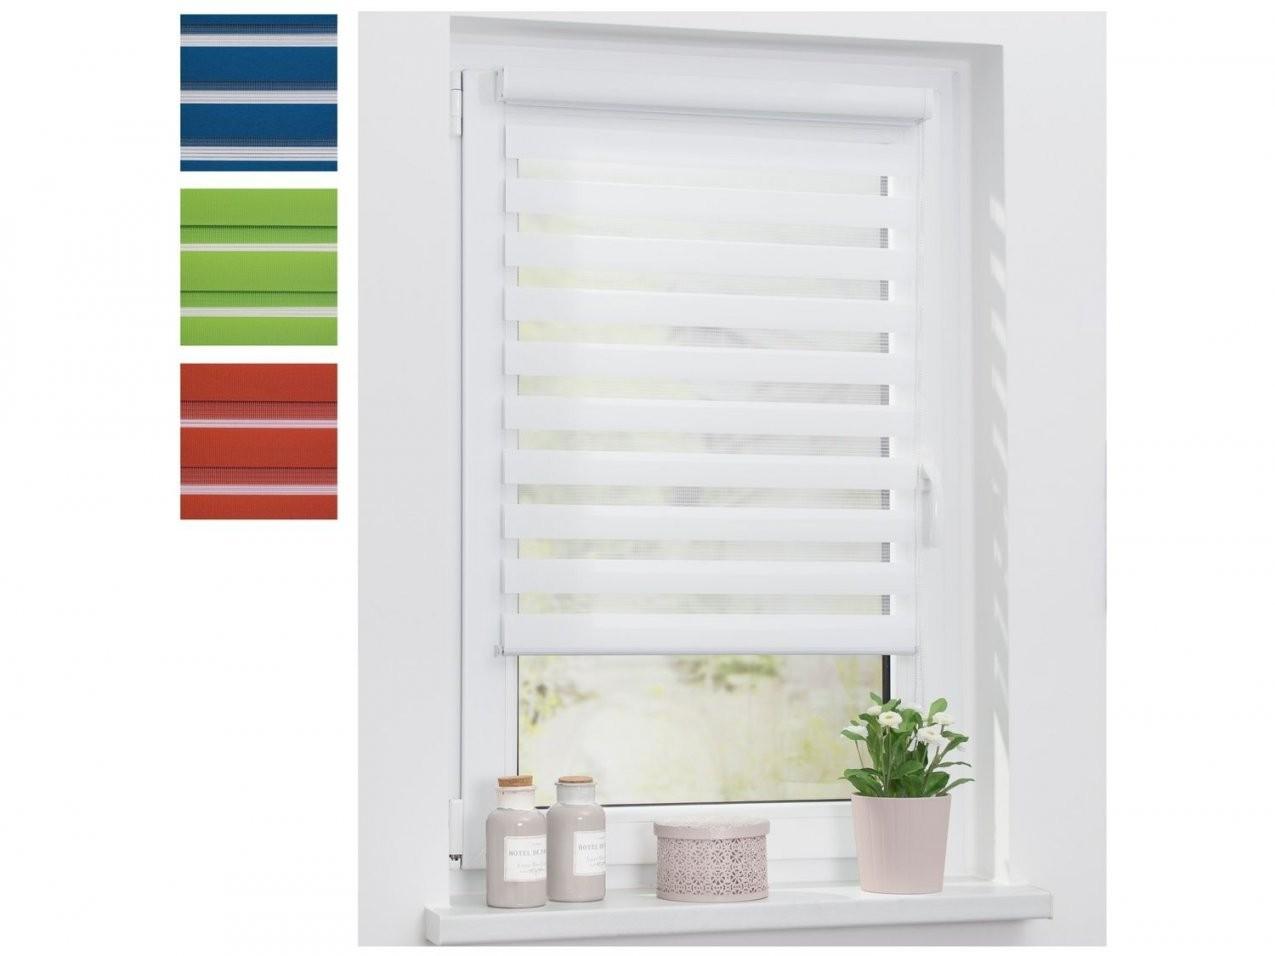 Fenster Rollos Innen Ohne Bohren Plissee F R Fenster Innen Qf55 von Fenster Rollos Für Innen Bild